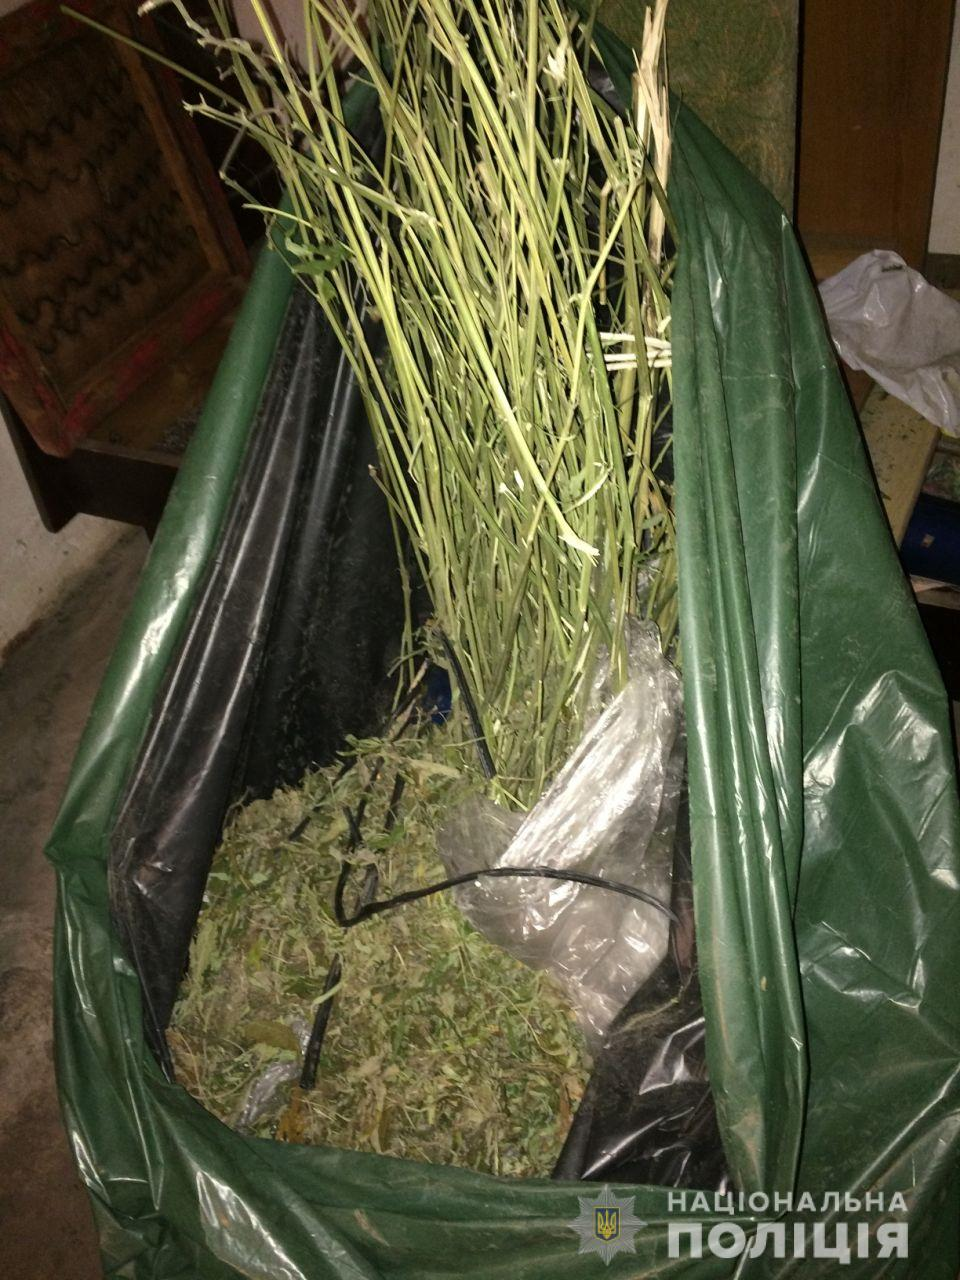 У підозрюваного в крадіжці закарпатця поліція знайшла марихуану та сухі стебла конопель